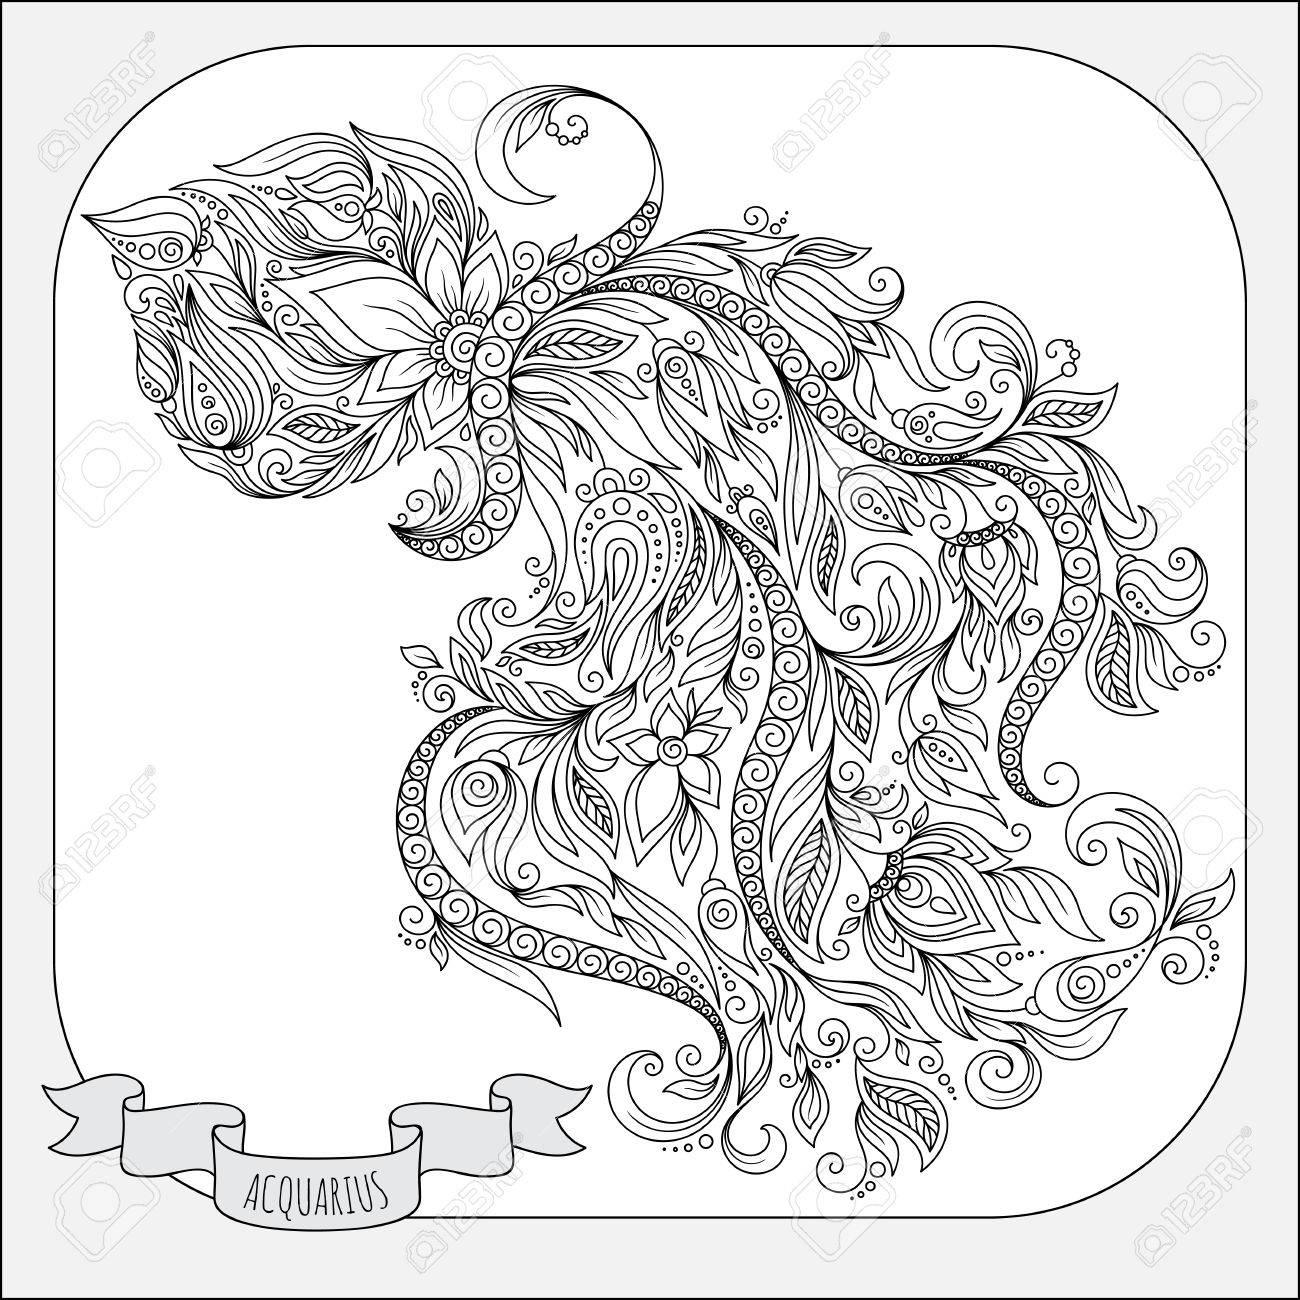 Modelo Para El Libro Para Colorear. Dibujado A Mano Las Flores De La ...